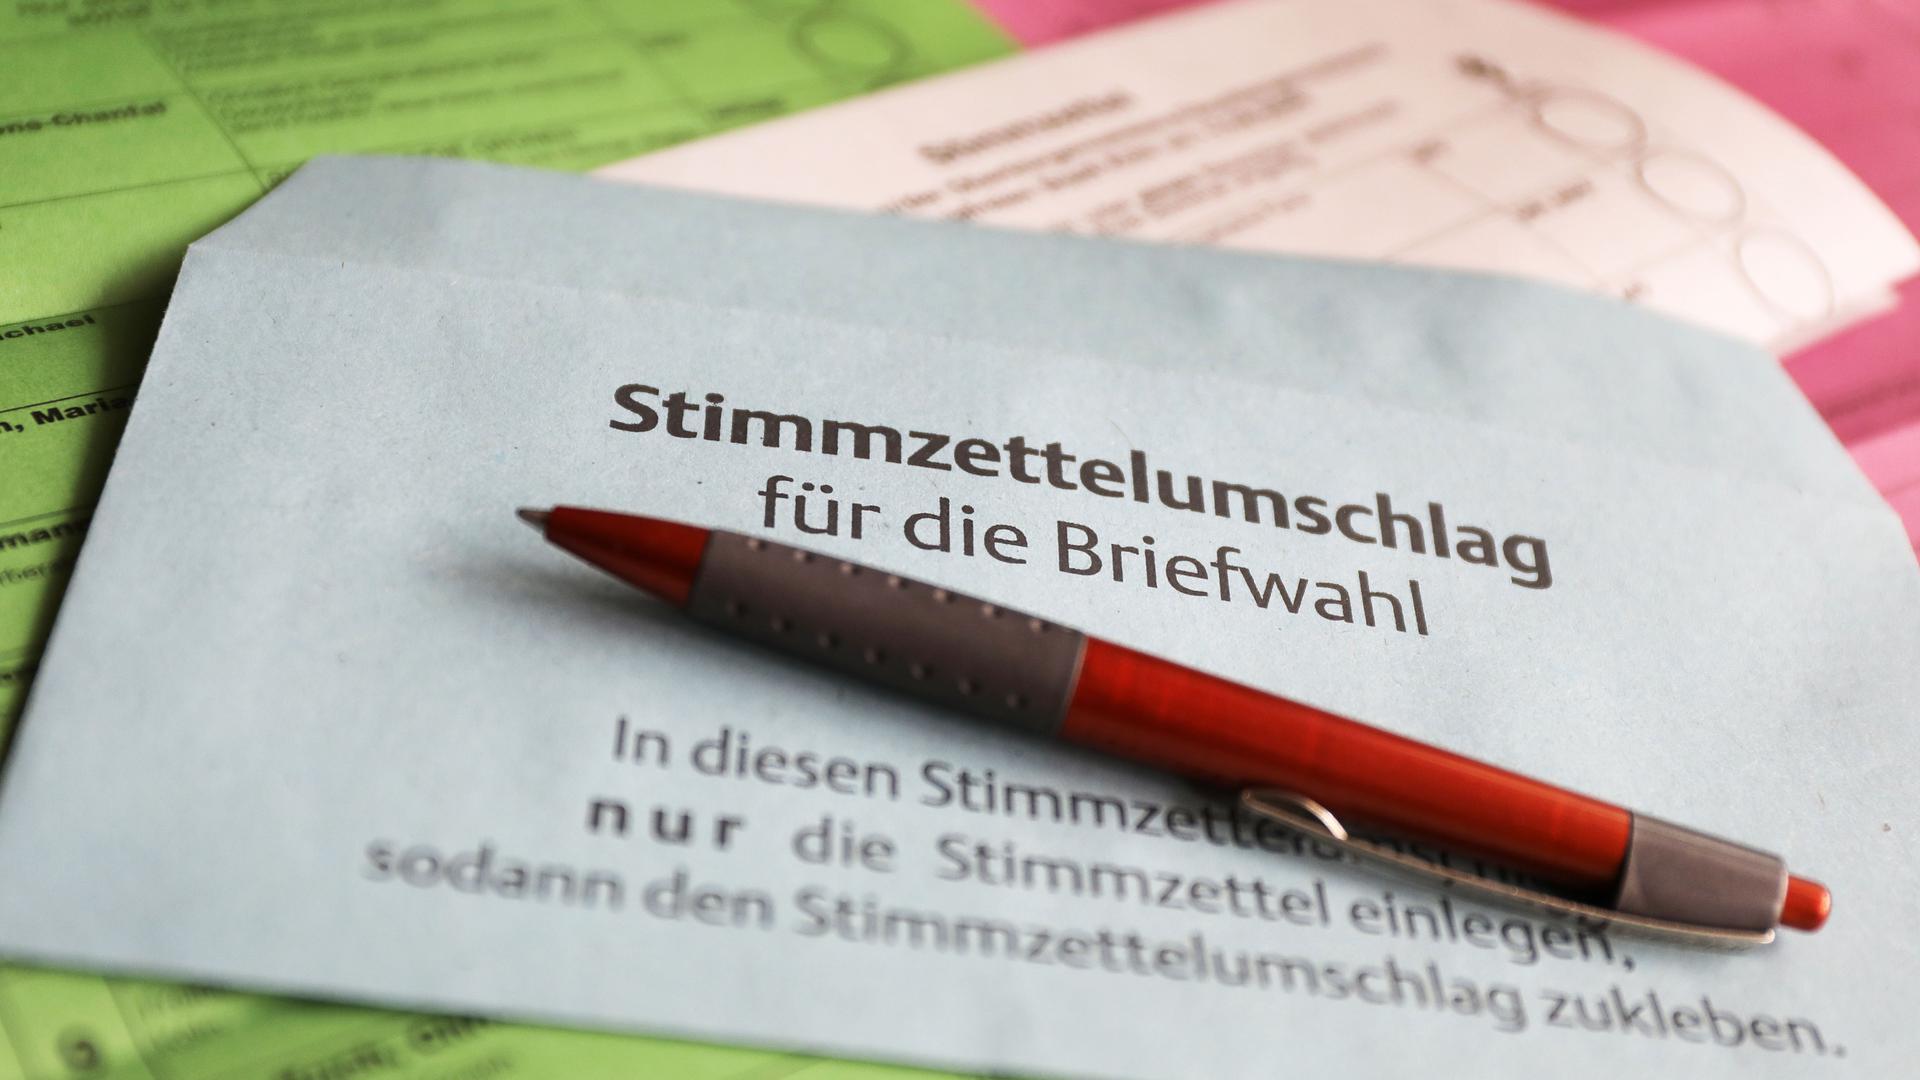 Stimmzettel und ein Umschlag für die Briefwahl liegen auf dem Tisch. Am 13. September 2020 sind in Nordrhein-Westfalen Kommunalwahlen. +++ dpa-Bildfunk +++